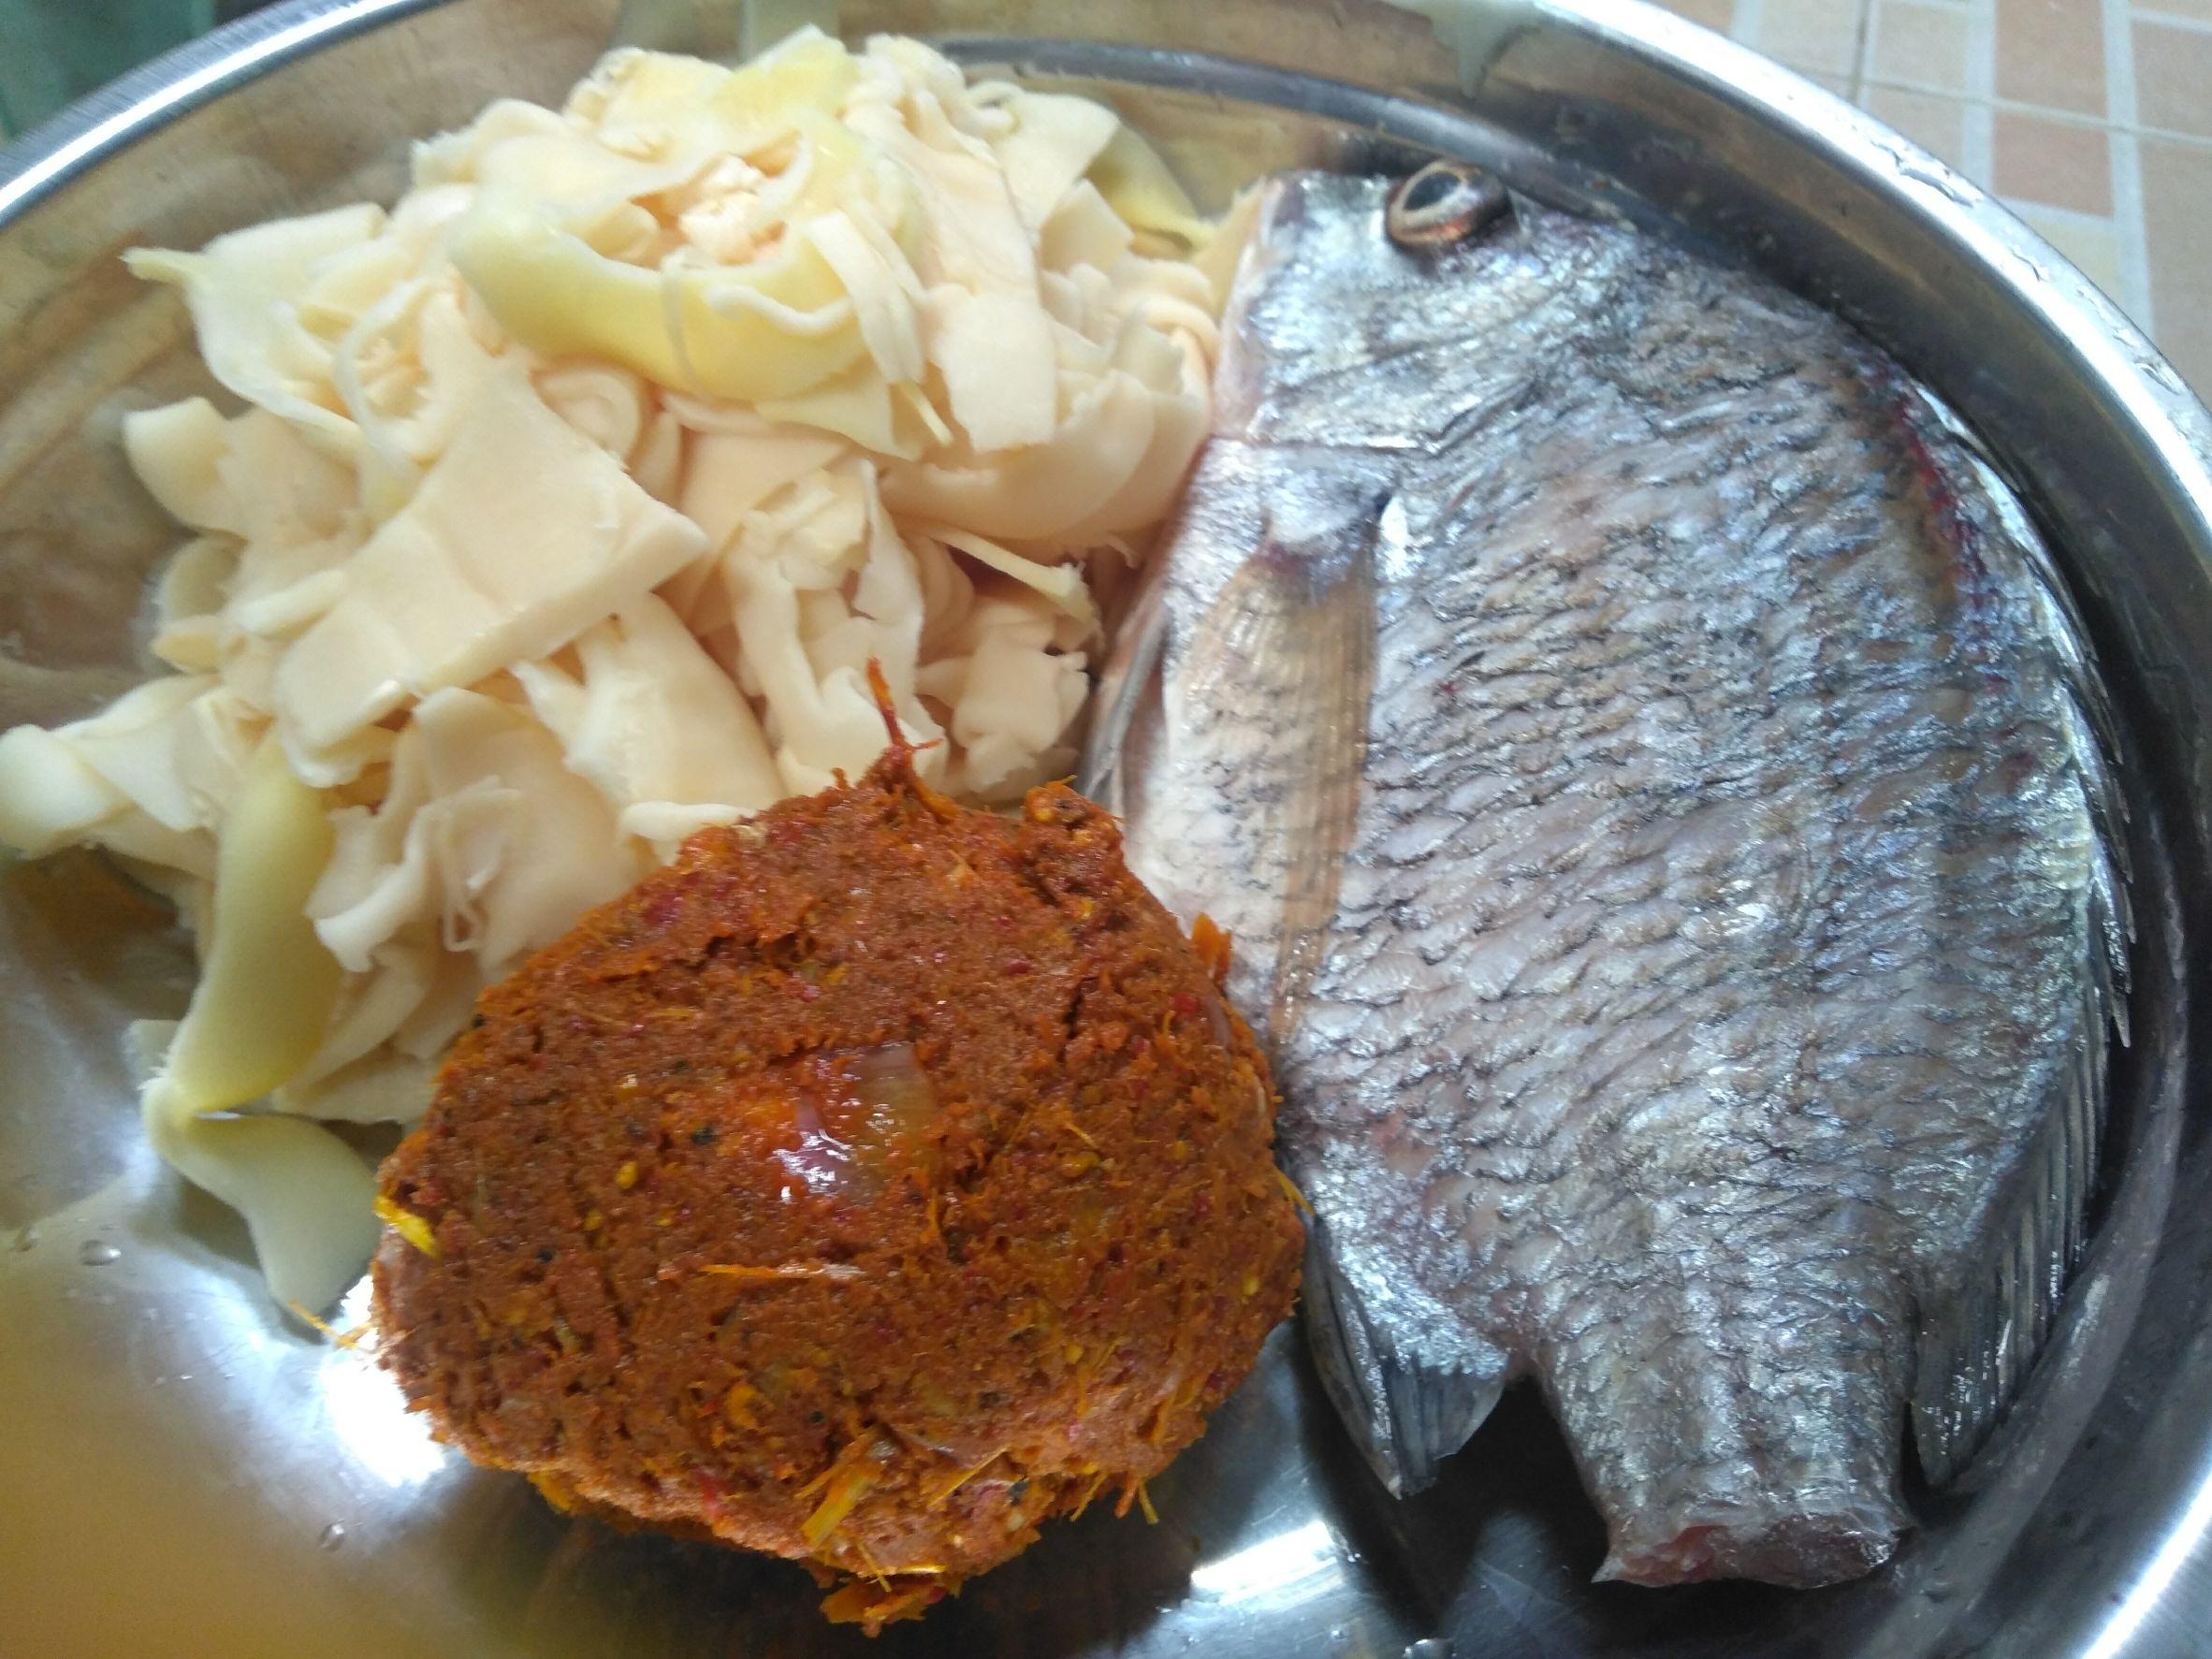 ปลายังไม่หมดตู้เย็น @ทริปบางทราย.... แกงส้มปลาอีคุด หน่อไม้ดอง